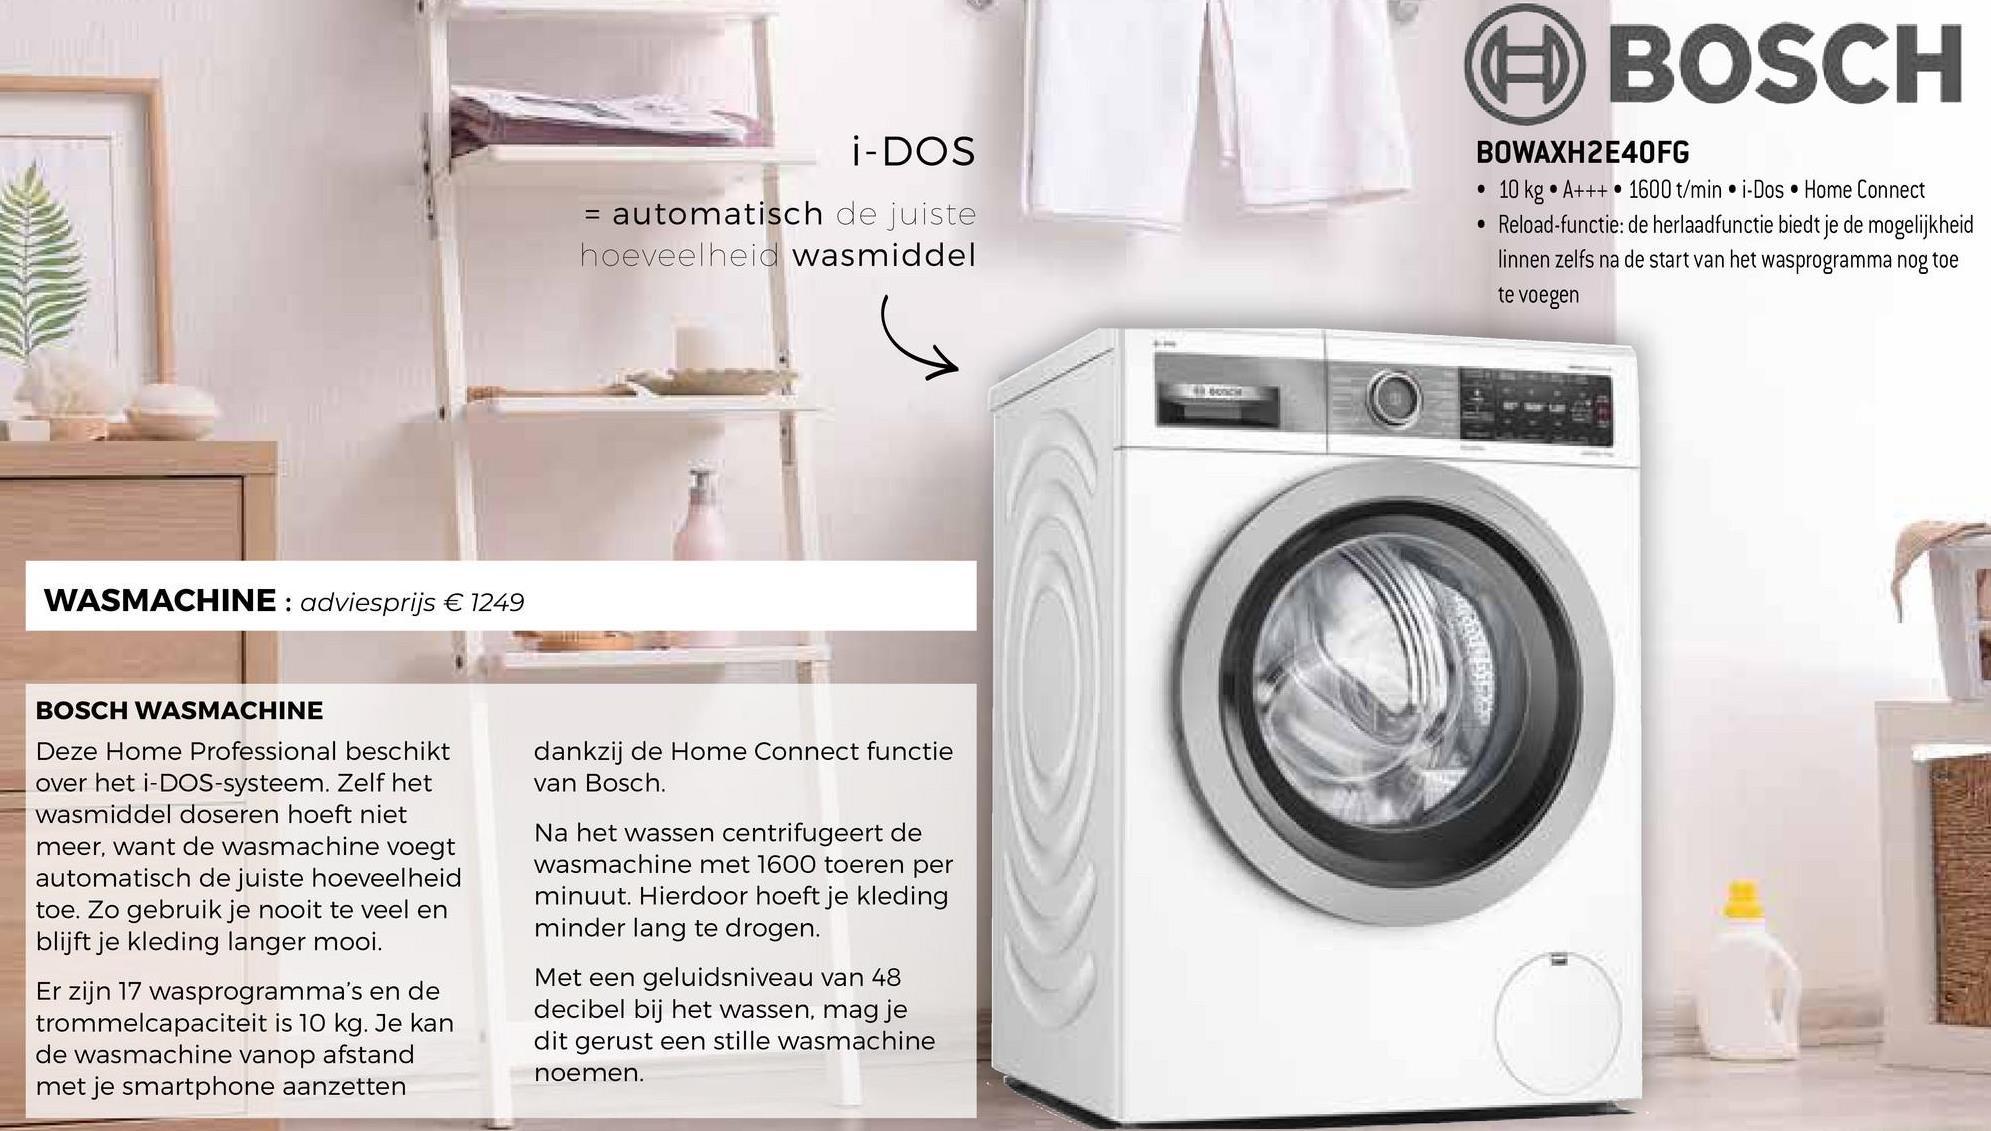 BOSCH i-DOS = automatisch de juiste hoeveelheid wasmiddel BOWAXH2E40FG • 10 kg.A+++ • 1600 t/min • i-Dos Home Connect • Reload-functie: de herlaadfunctie biedt je de mogelijkheid linnen zelfs na de start van het wasprogramma nog toe te voegen WASMACHINE : adviesprijs € 1249 dankzij de Home Connect functie van Bosch. BOSCH WASMACHINE Deze Home Professional beschikt over het i-DOS-systeem. Zelf het wasmiddel doseren hoeft niet meer, want de wasmachine voegt automatisch de juiste hoeveelheid toe. Zo gebruik je nooit te veel en blijft je kleding langer mooi. Er zijn 17 wasprogramma's en de trommelcapaciteit is 10 kg. Je kan de wasmachine vanop afstand met je smartphone aanzetten Na het wassen centrifugeert de wasmachine met 1600 toeren per minuut. Hierdoor hoeft je kleding minder lang te drogen. Met een geluidsniveau van 48 decibel bij het wassen, mag je dit gerust een stille wasmachine noemen.